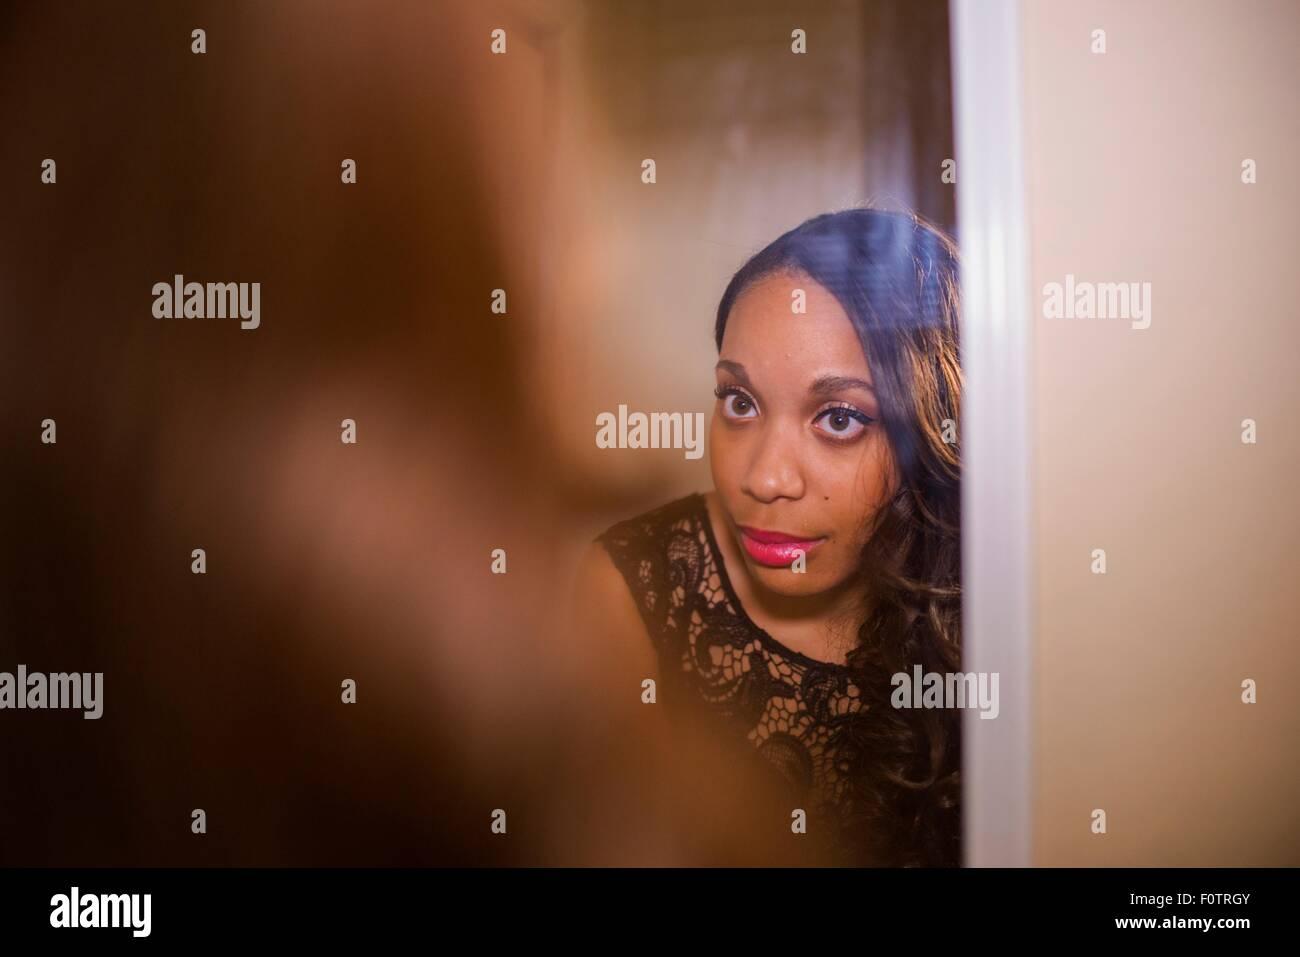 Jeune femme à la recherche de miroir au mur tout prêt Photo Stock